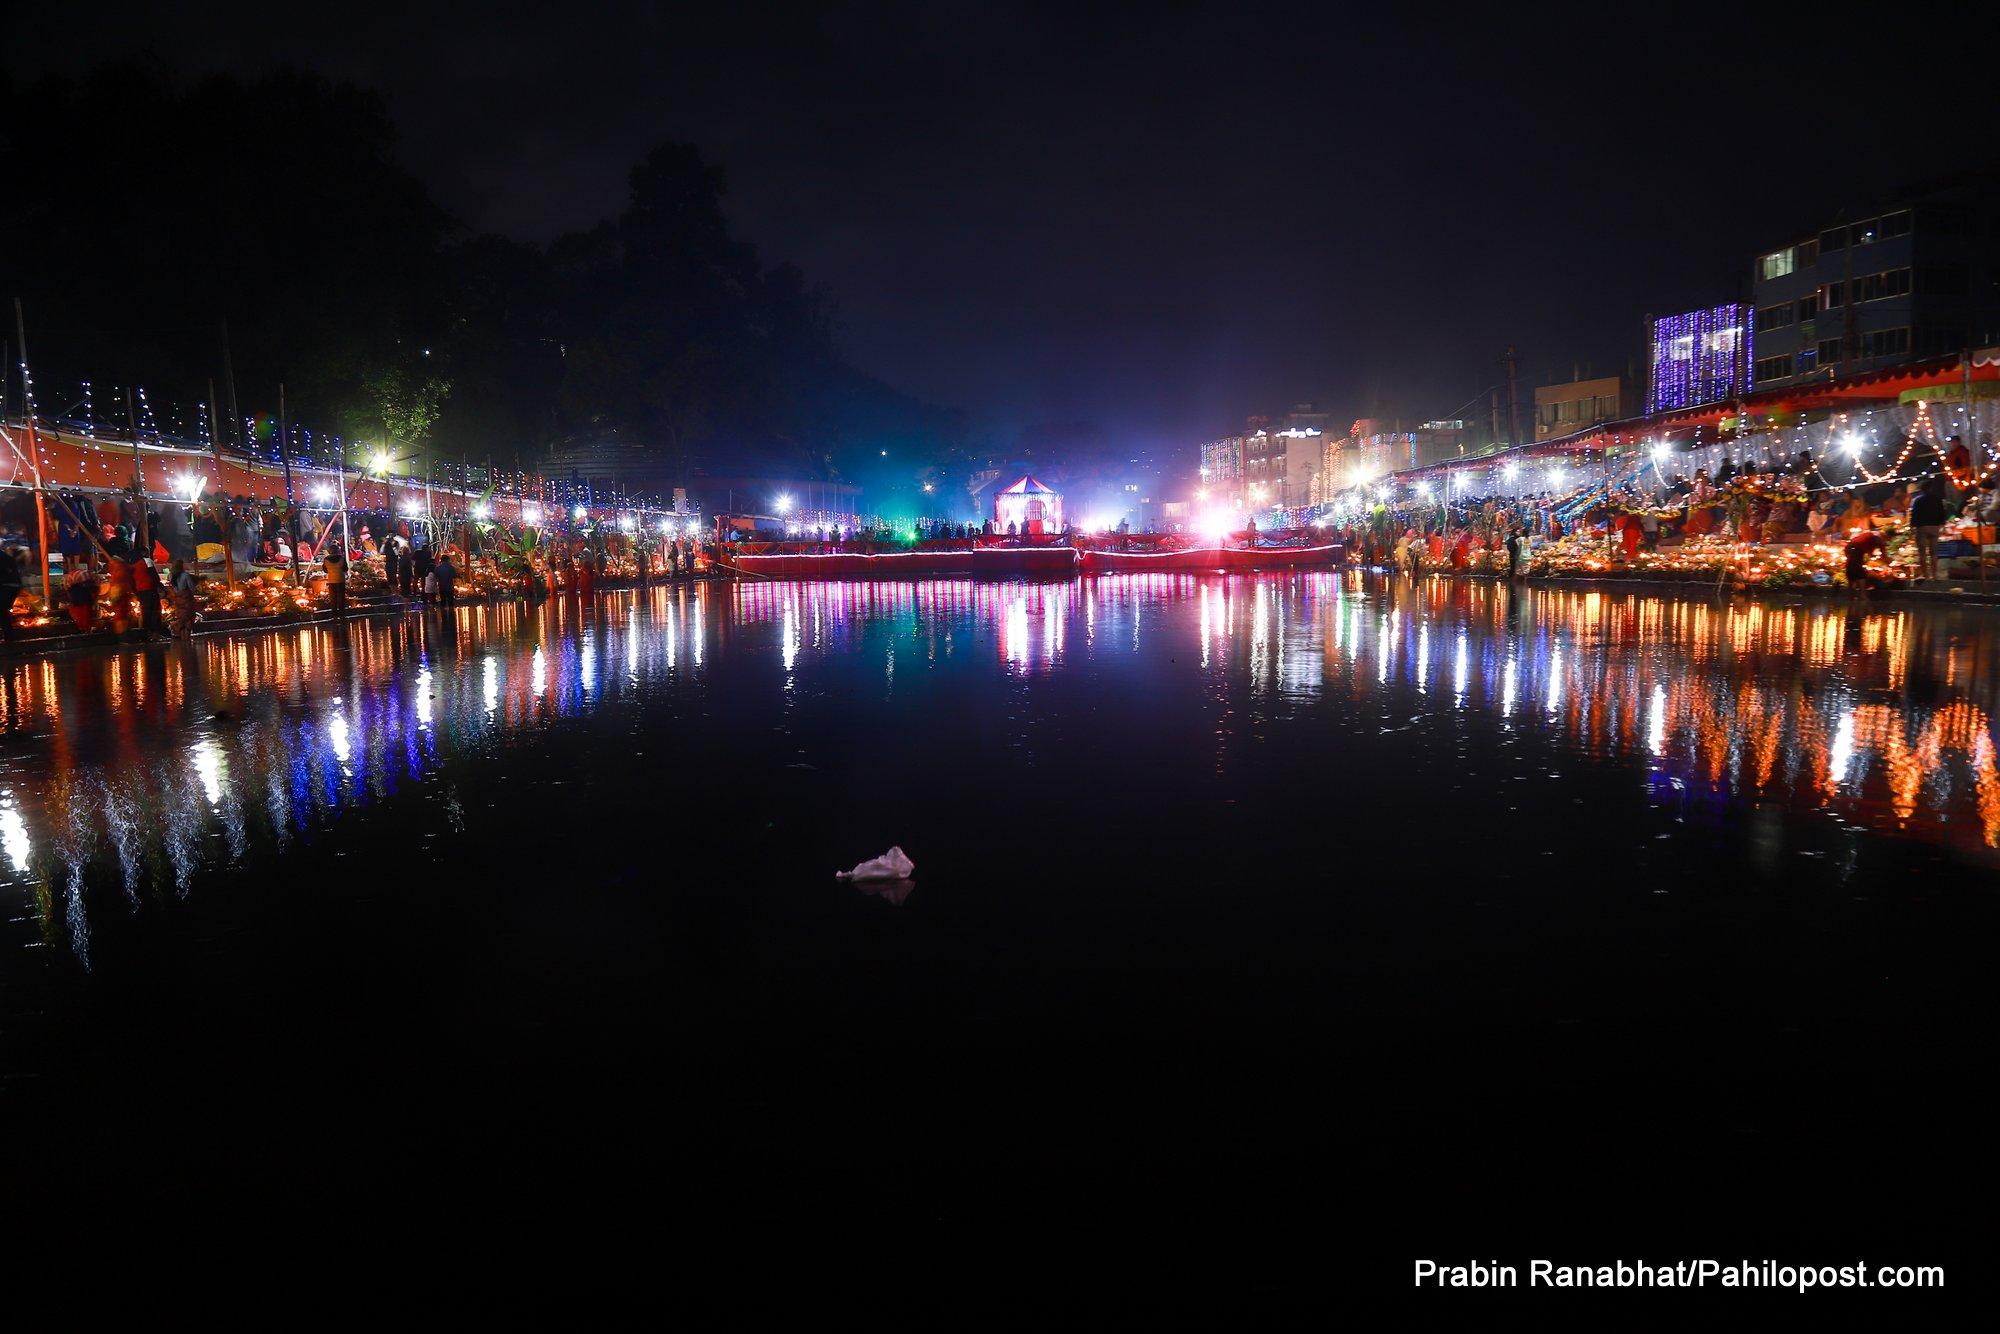 काठमाडौँको गुह्येश्वरीमा छठको रमझमका २२ फोटो